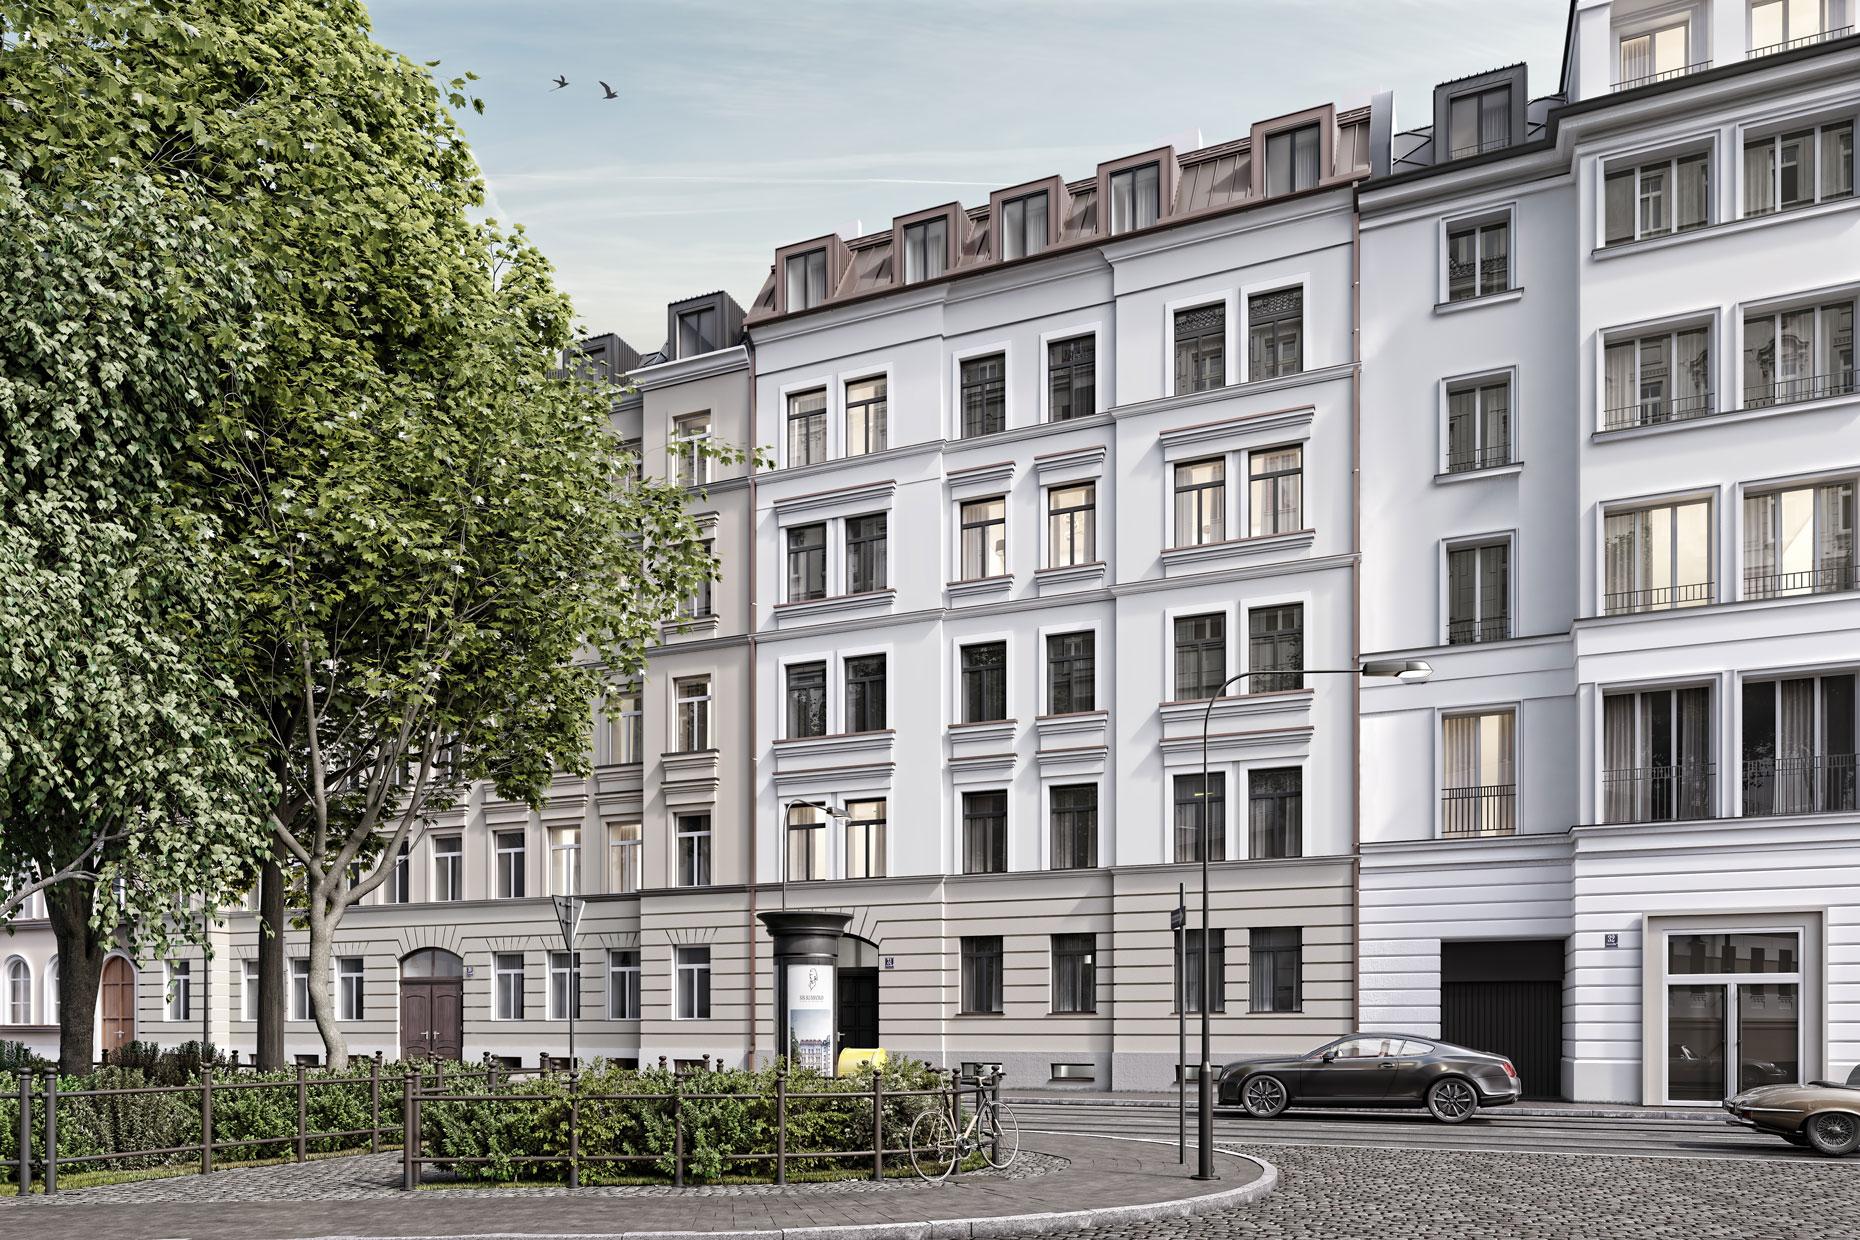 Sir_Rumford_Ansicht_Vordergebaeude_Rumfordstrasse_02